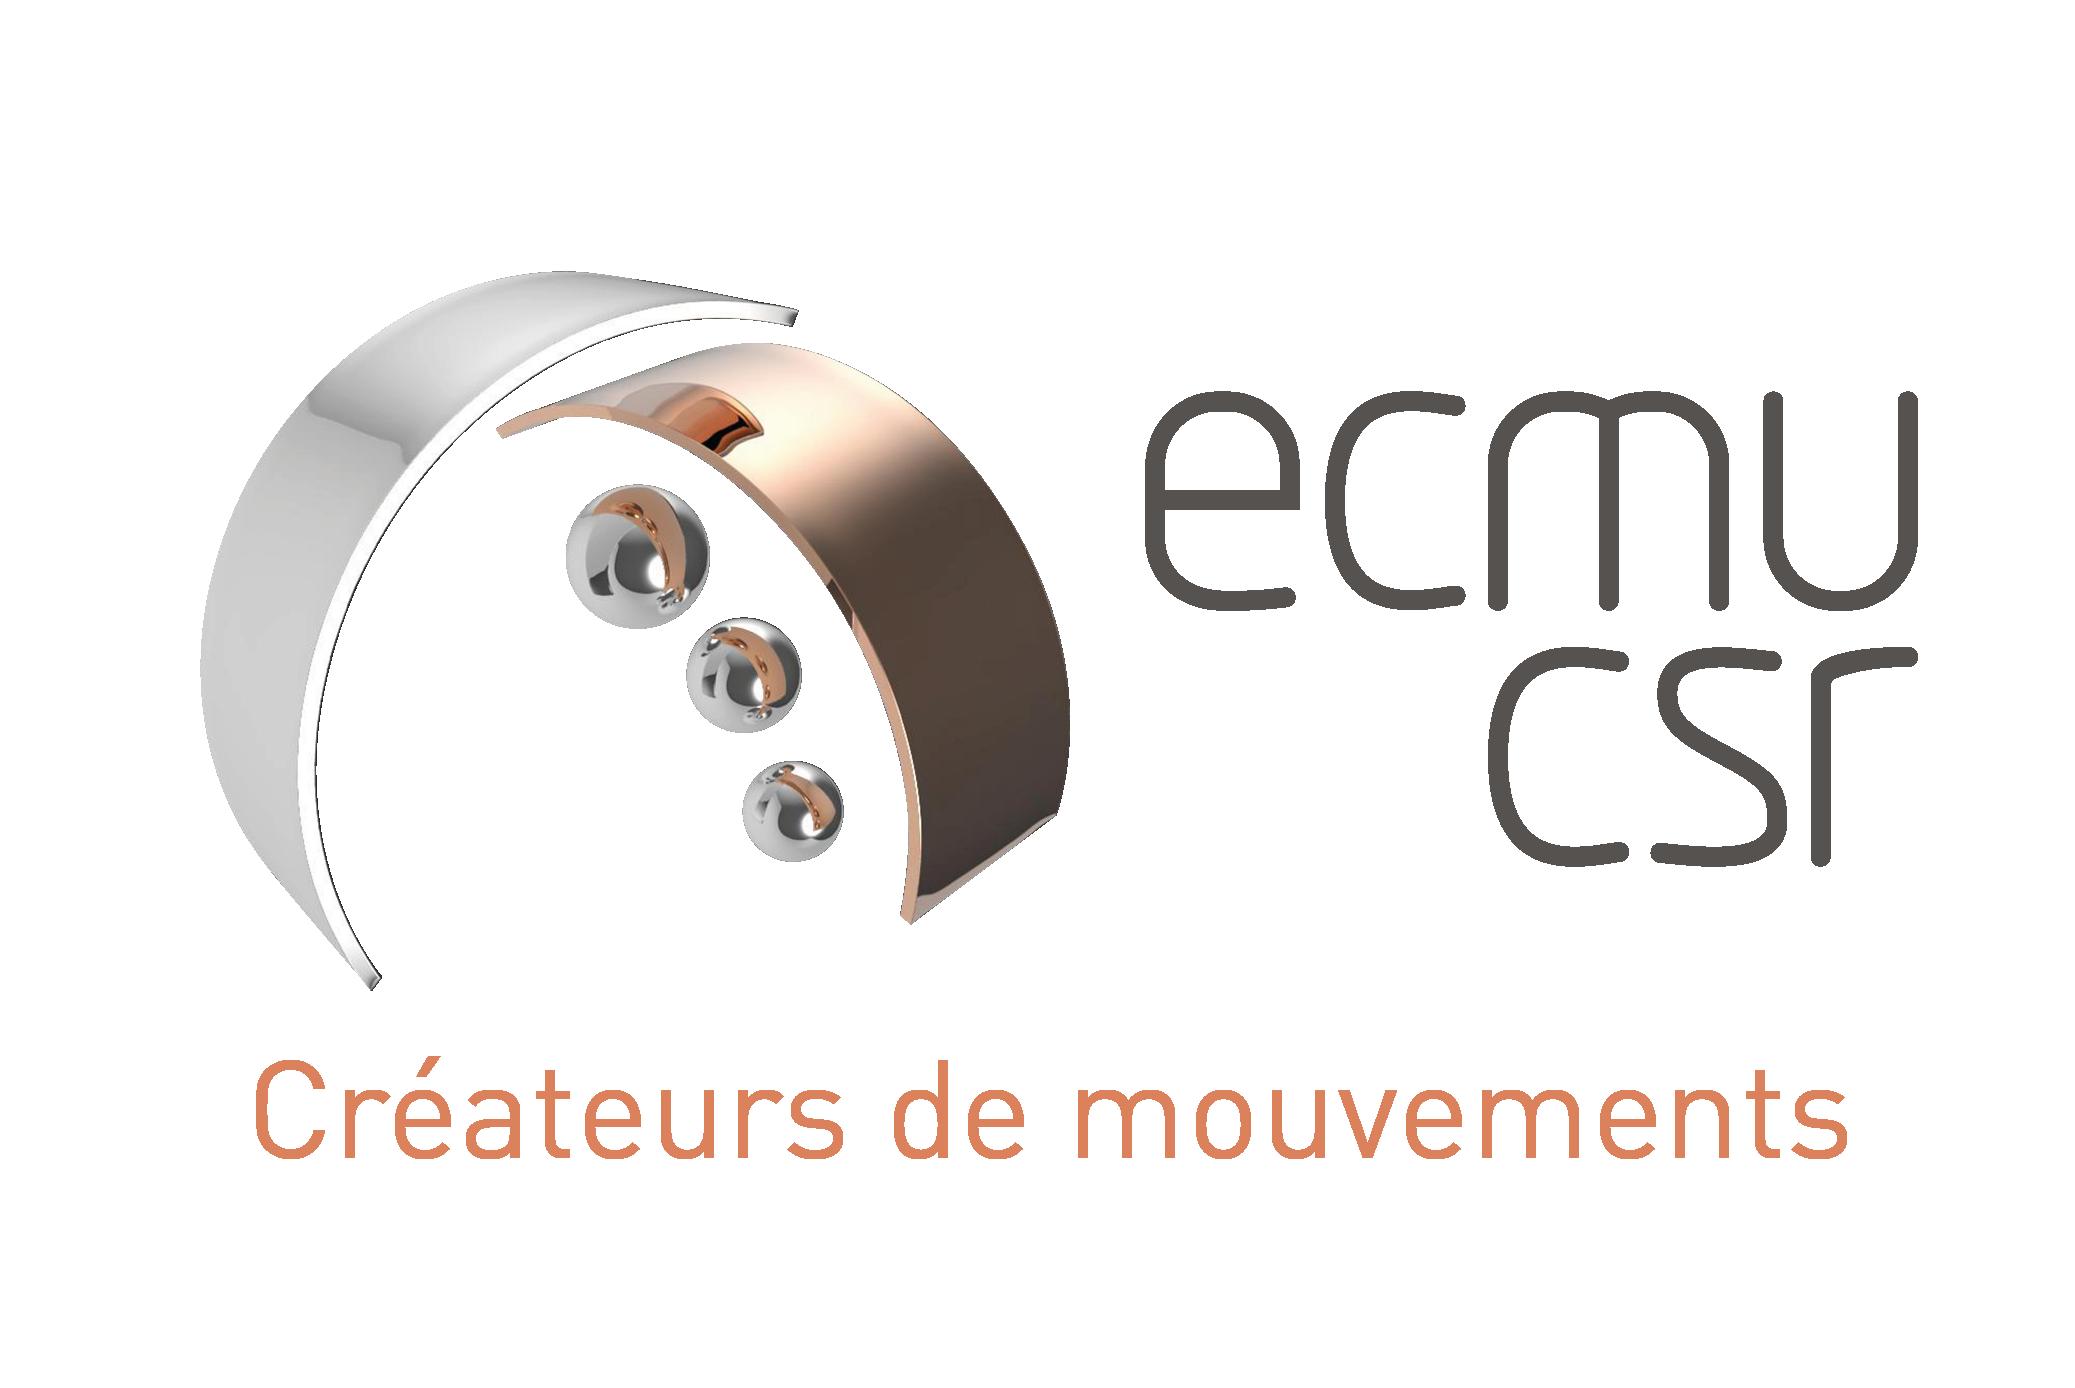 ECMU CSR